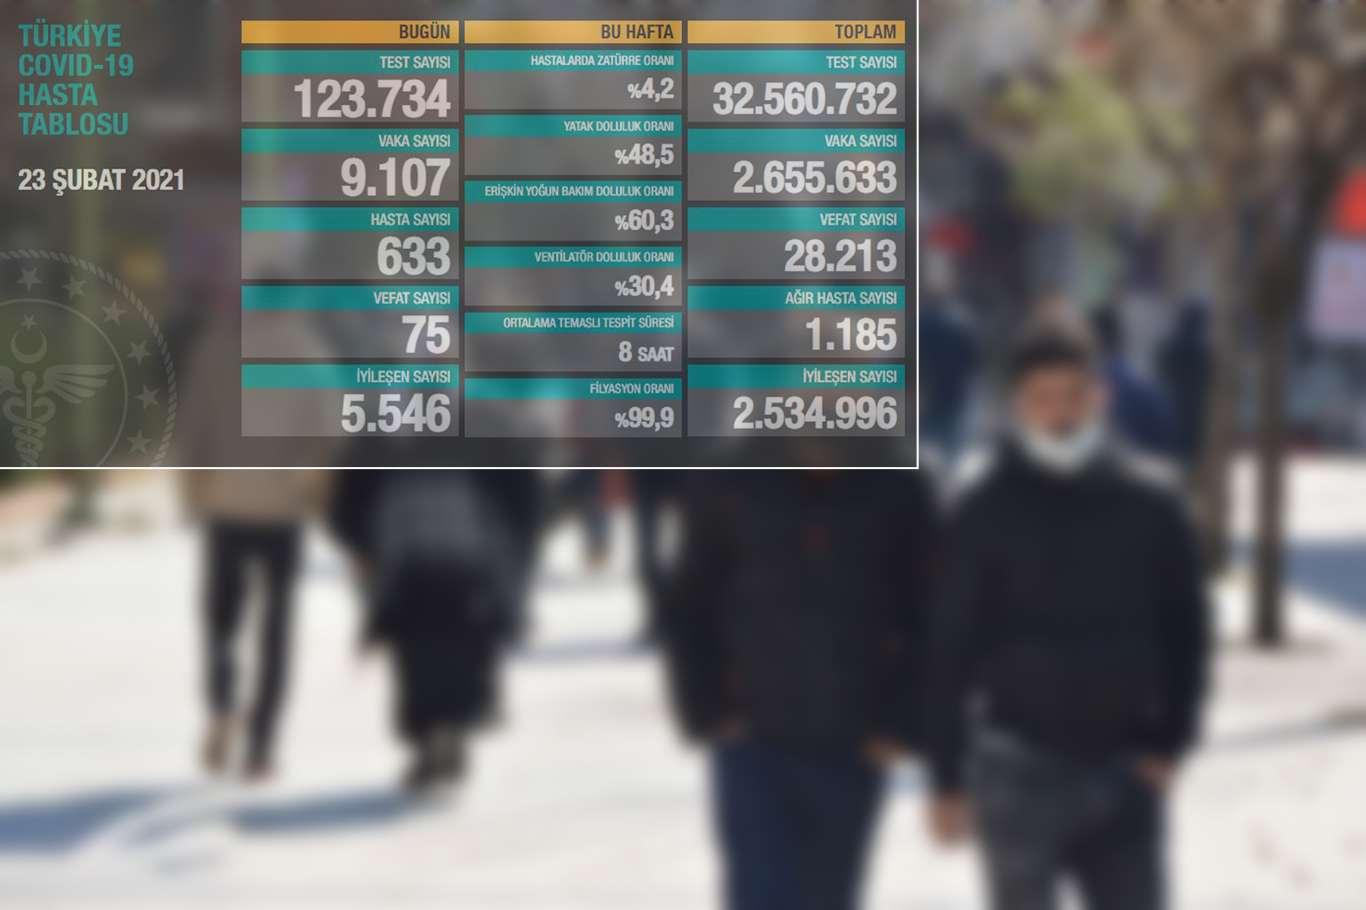 Türkiyede Covid-19 vaka sayısında endişe verici artış